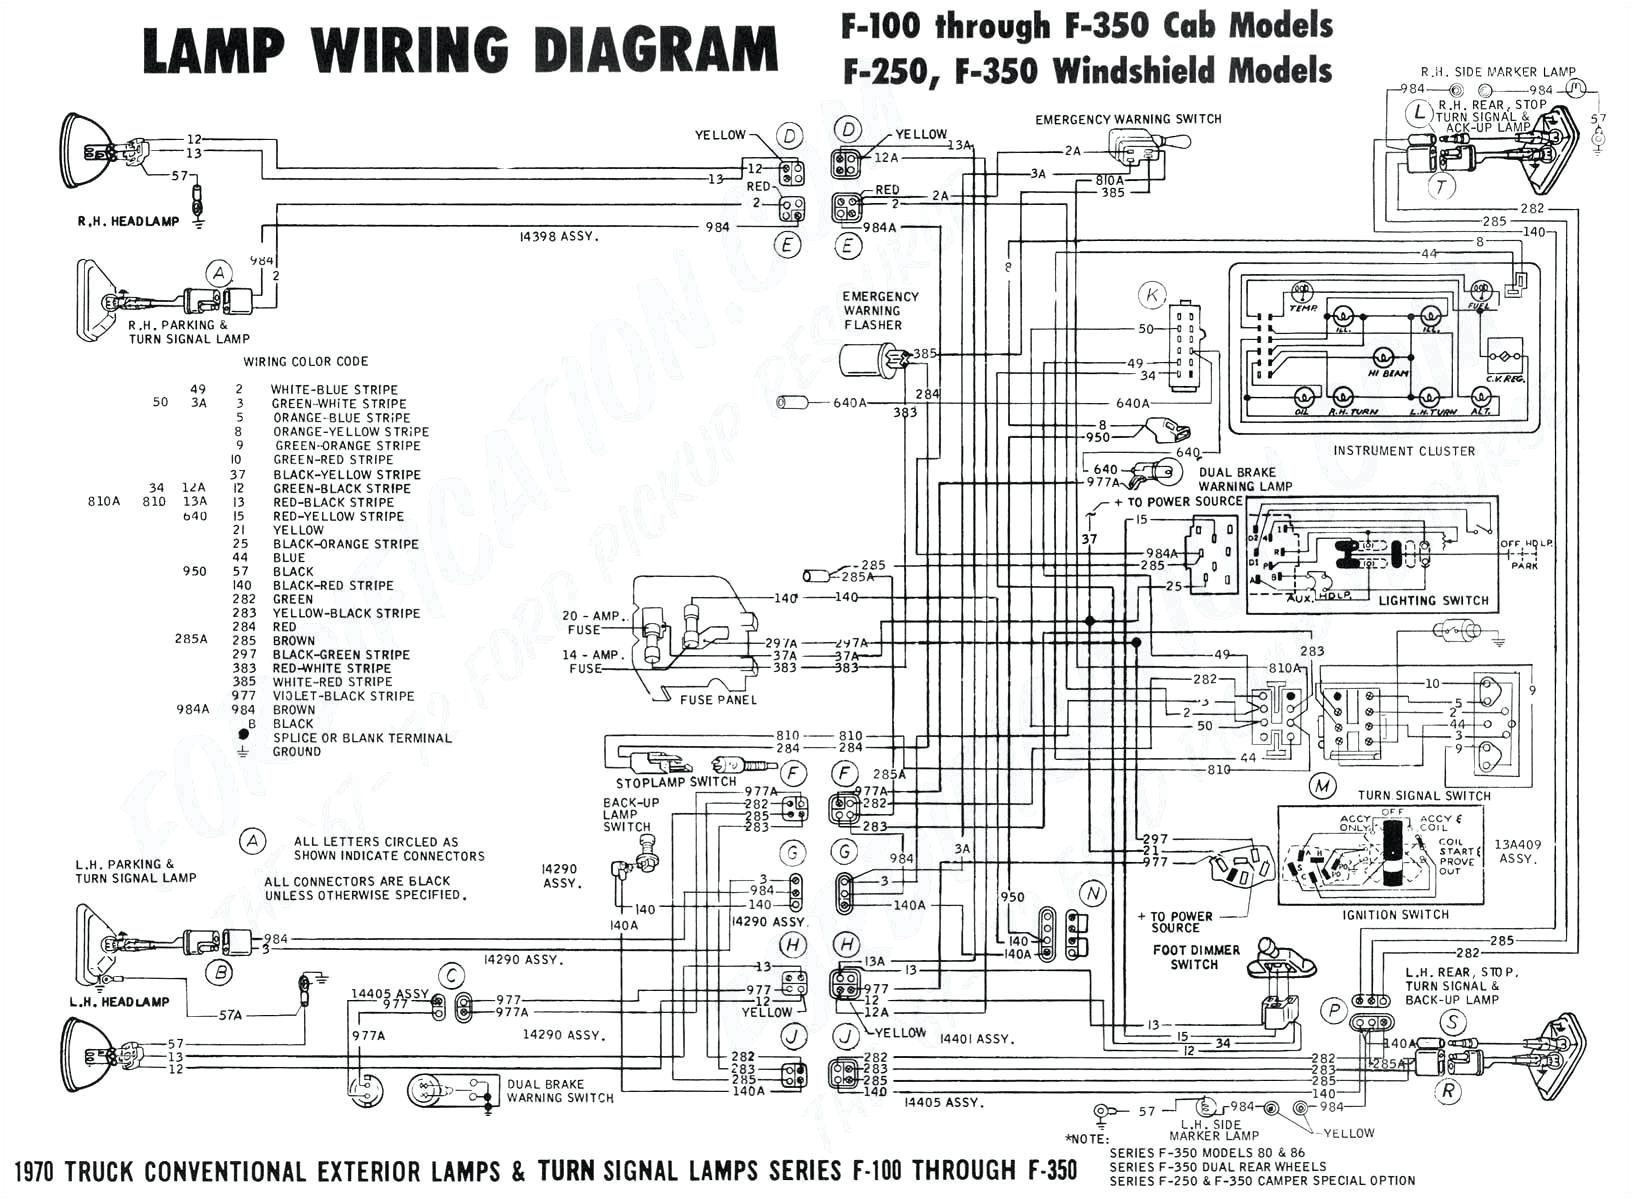 98 dodge dakota wiring diagram wiring diagram inside